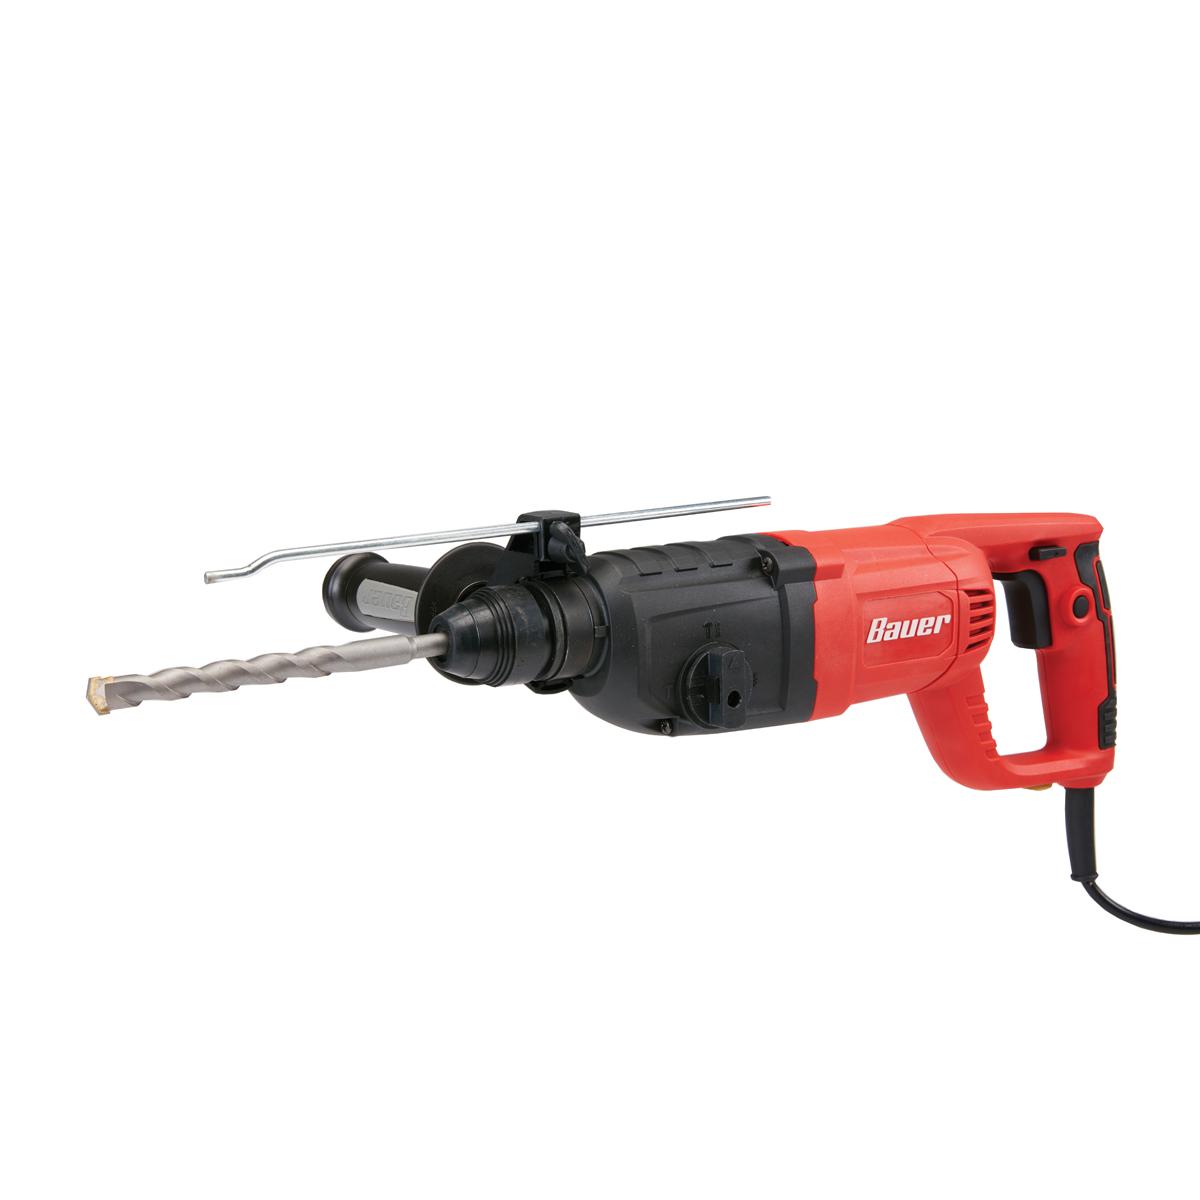 Hammer kit | cutler hammer reviews